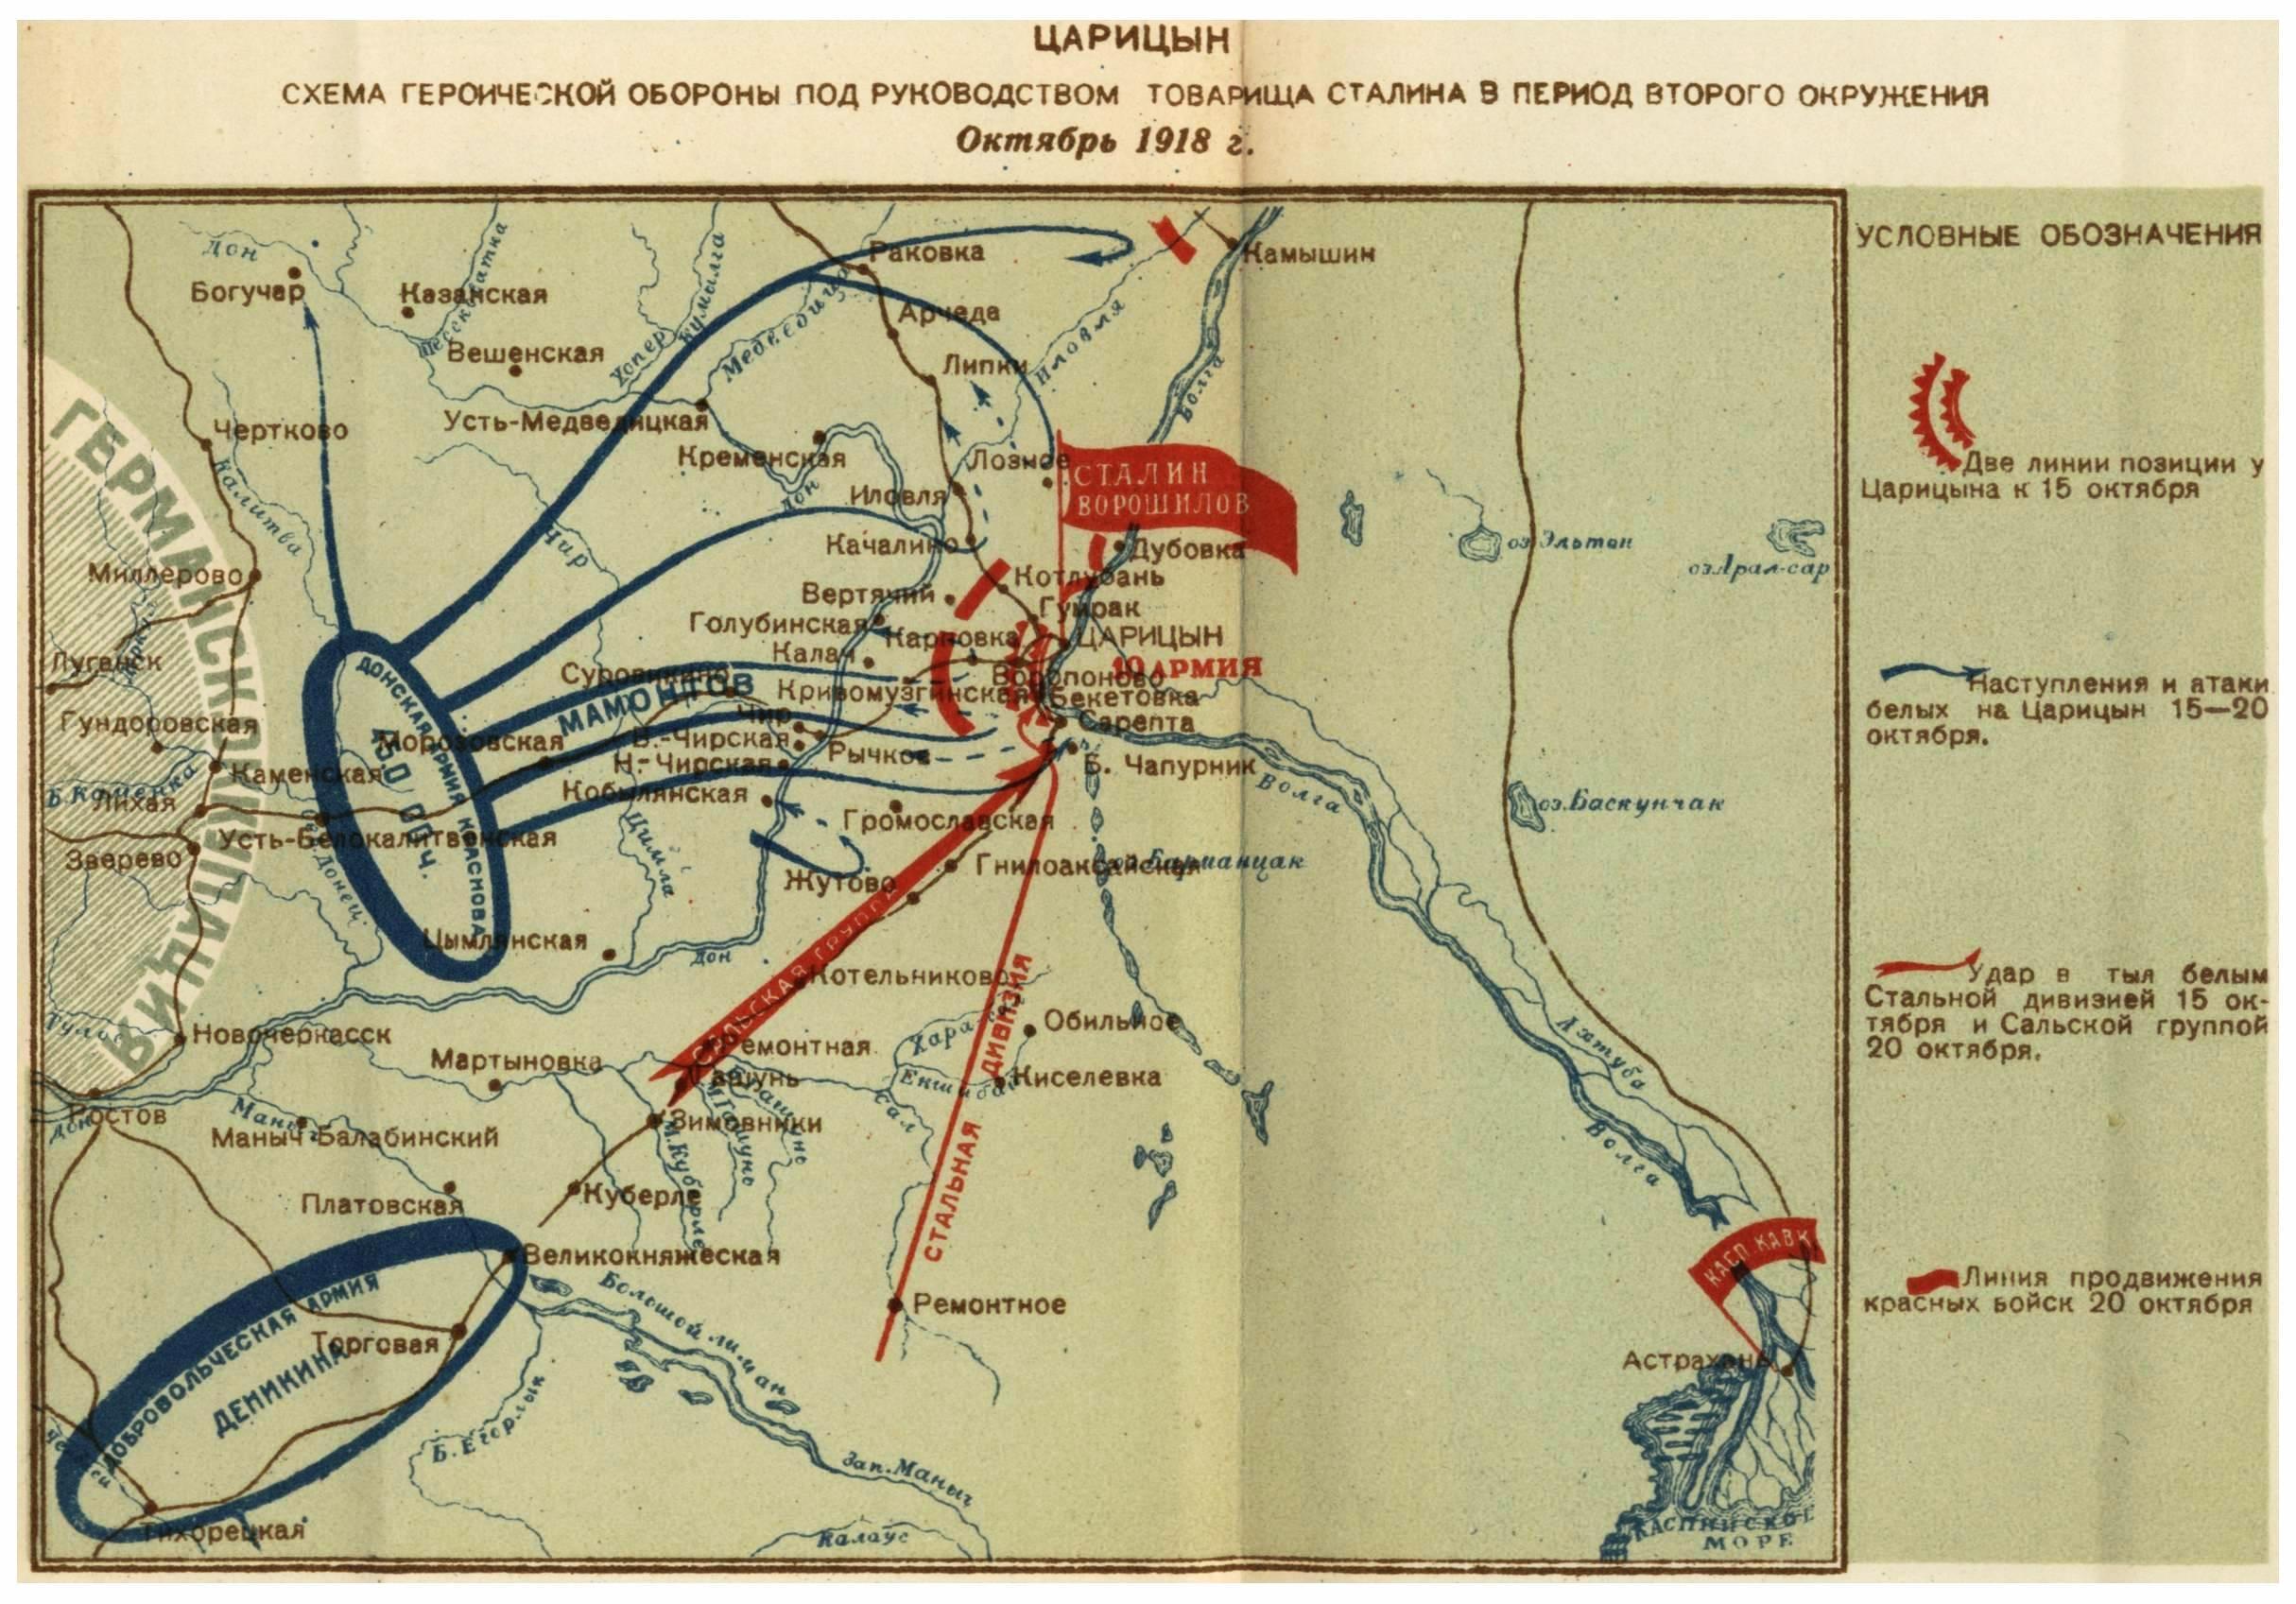 Сталин и Ворошилов в Царицыне